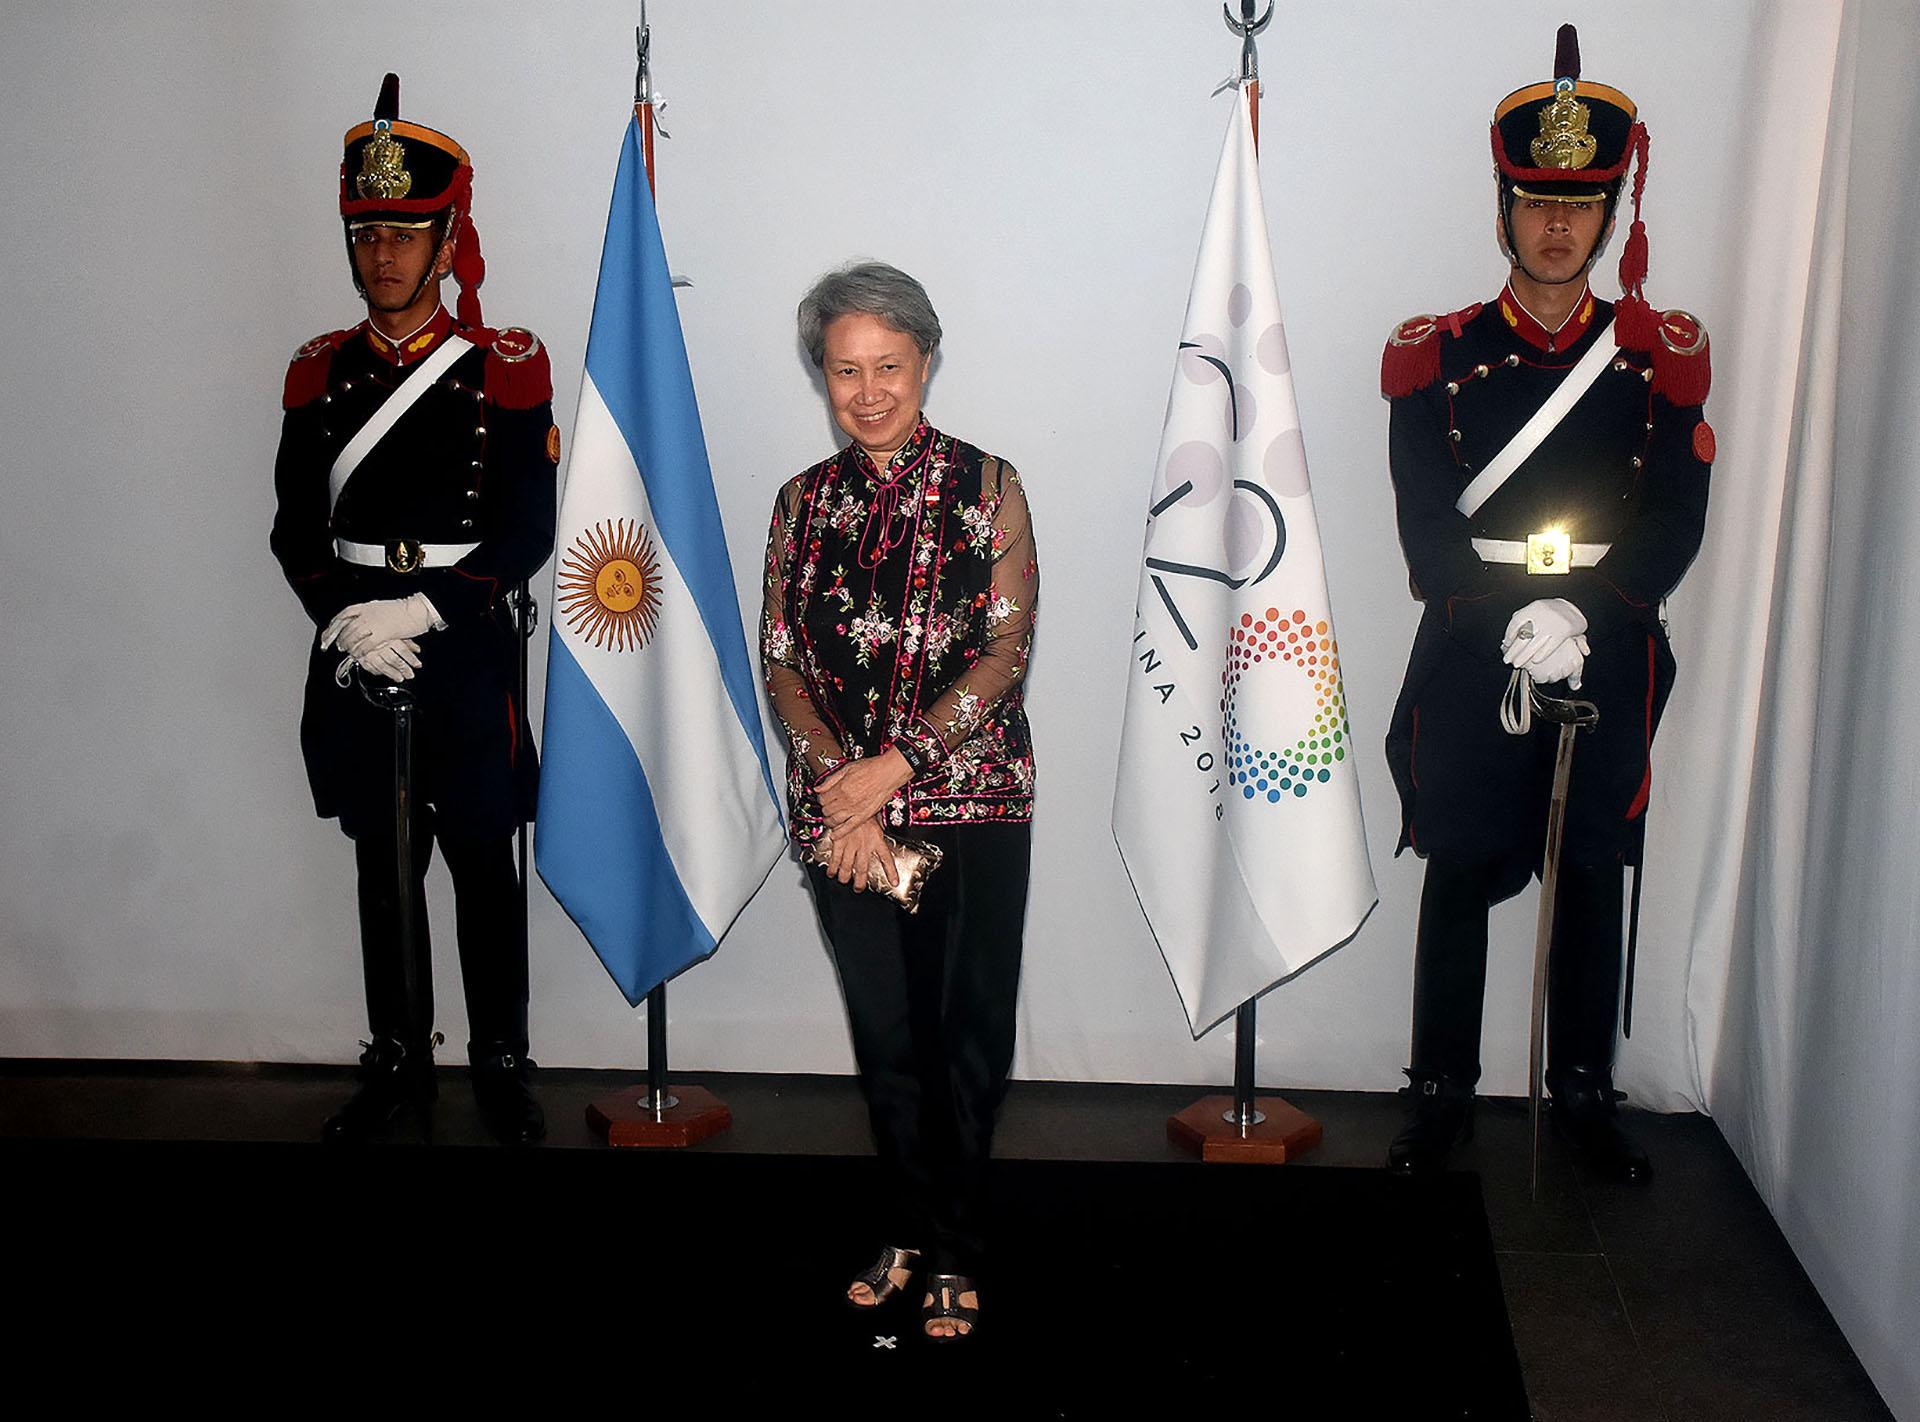 Ho Chin, esposa del primer ministro de Singapur, dejó de lado el clásico outfit oriental y optópor una blusa con transparencias y bordado de flores. Acompañó con un pantalón recto negro y sandalias a tono